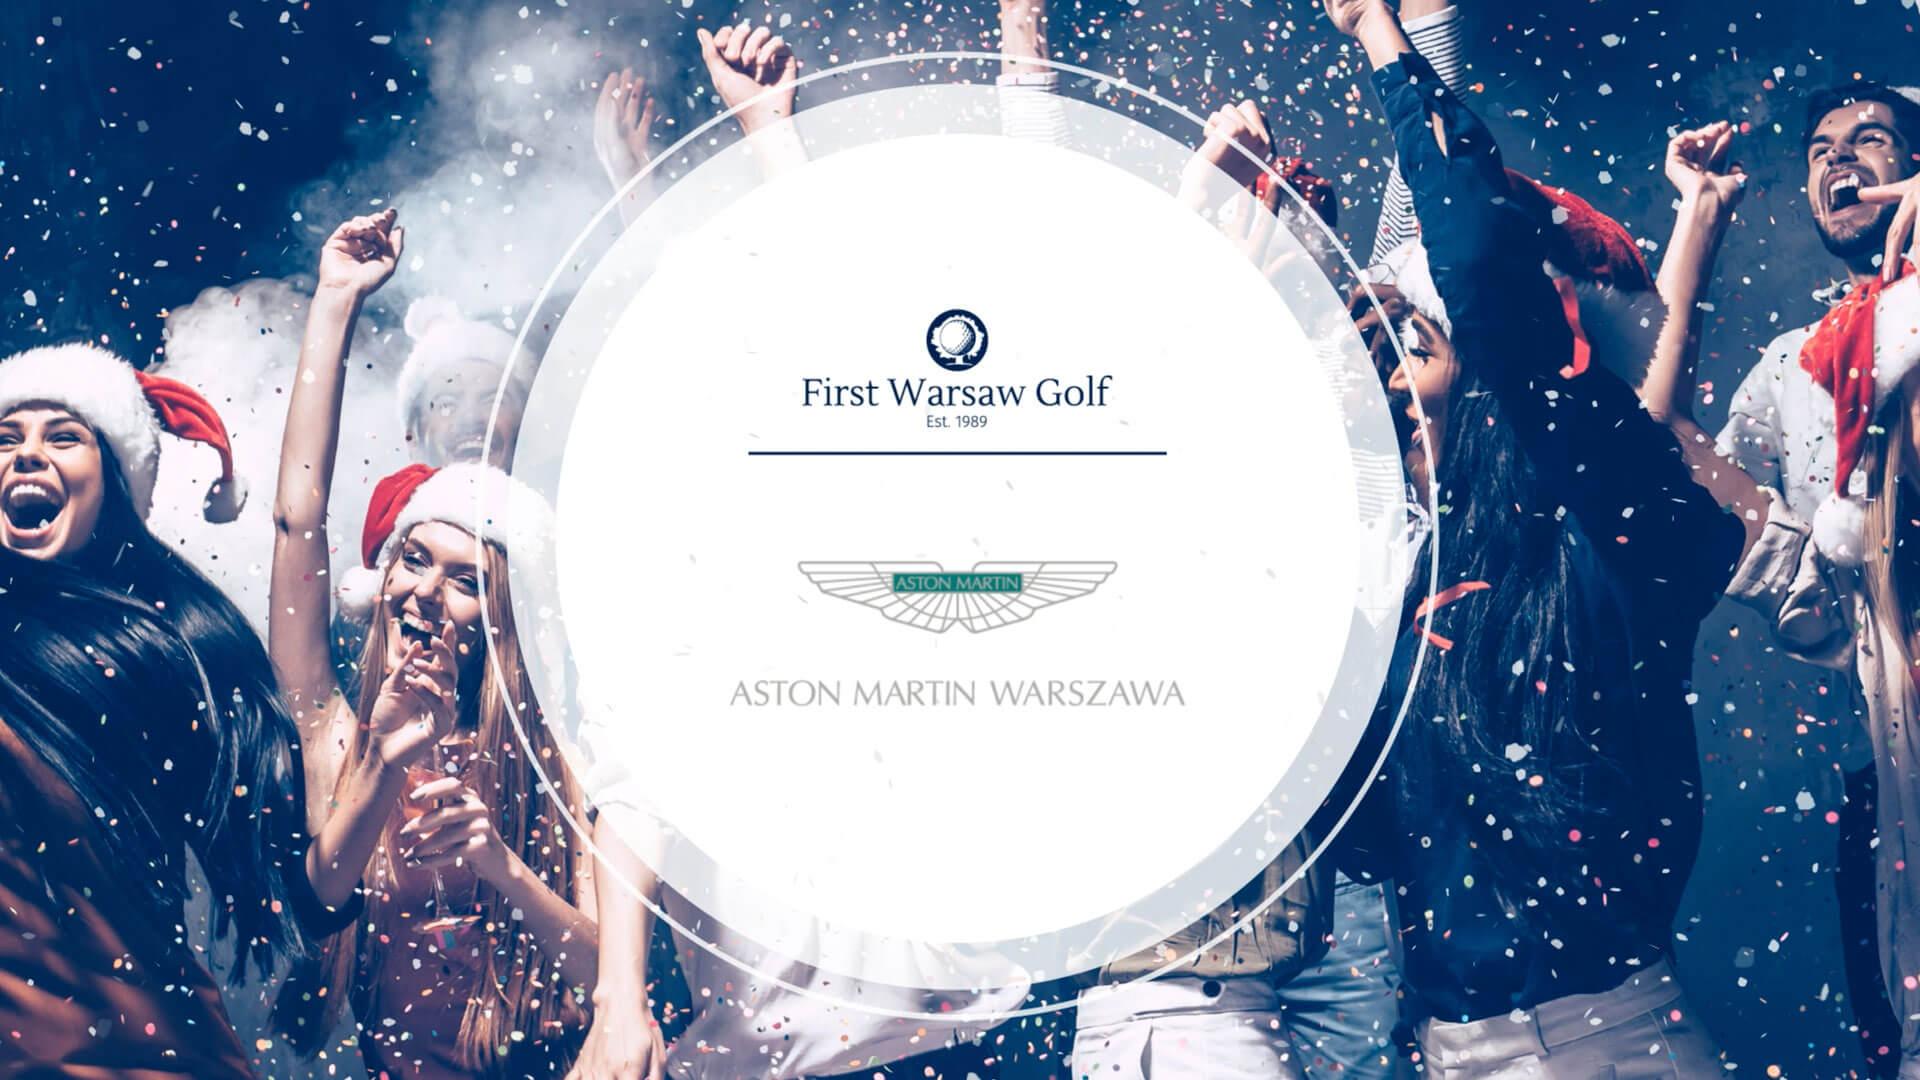 Impreza Świąteczna Prezesa First Warsaw Golf